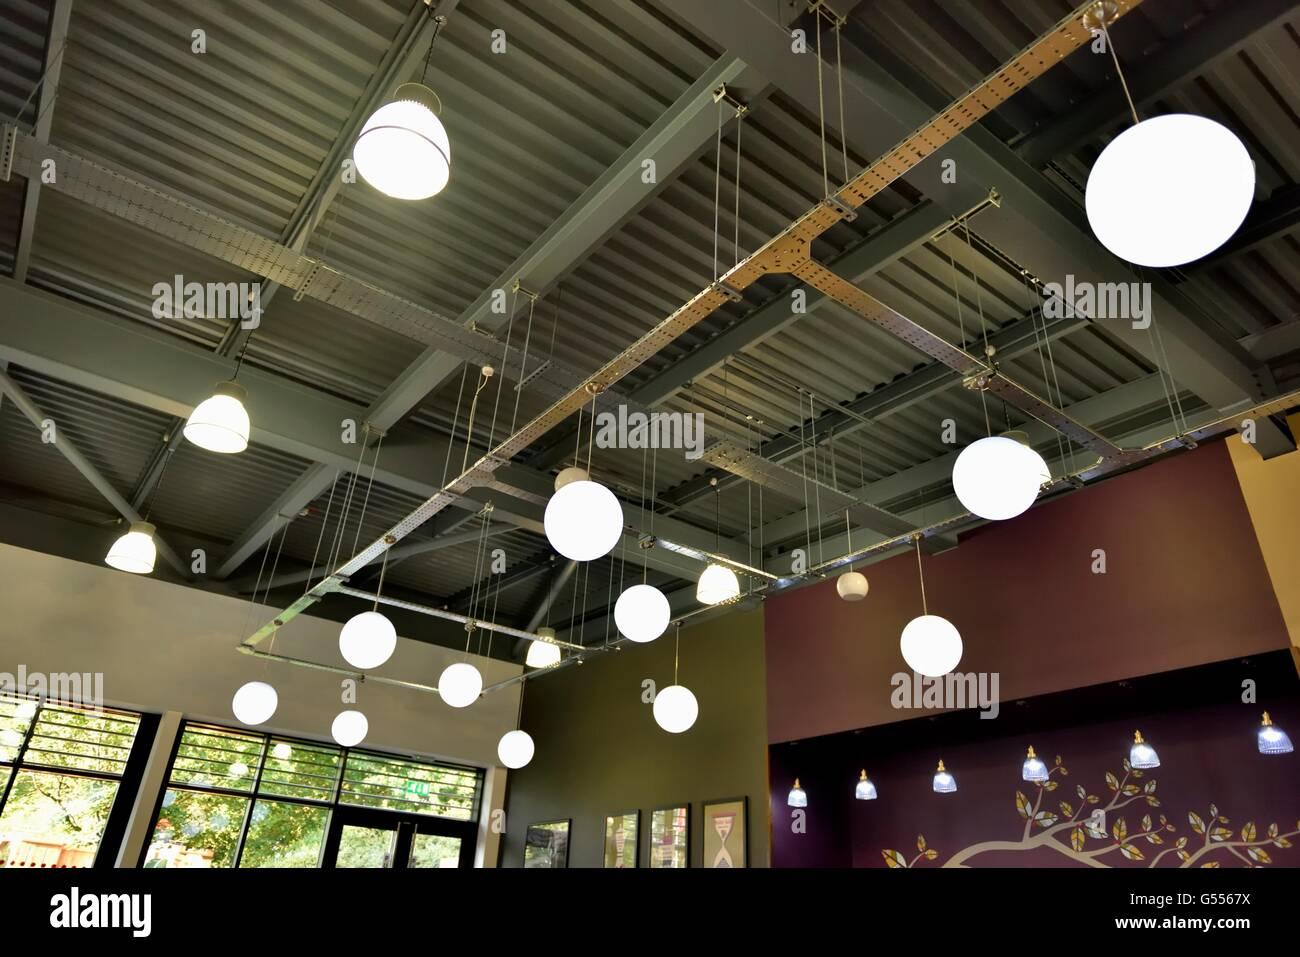 Iluminación de cúpula de ambiente en una autopista servicios cafetería UK Imagen De Stock